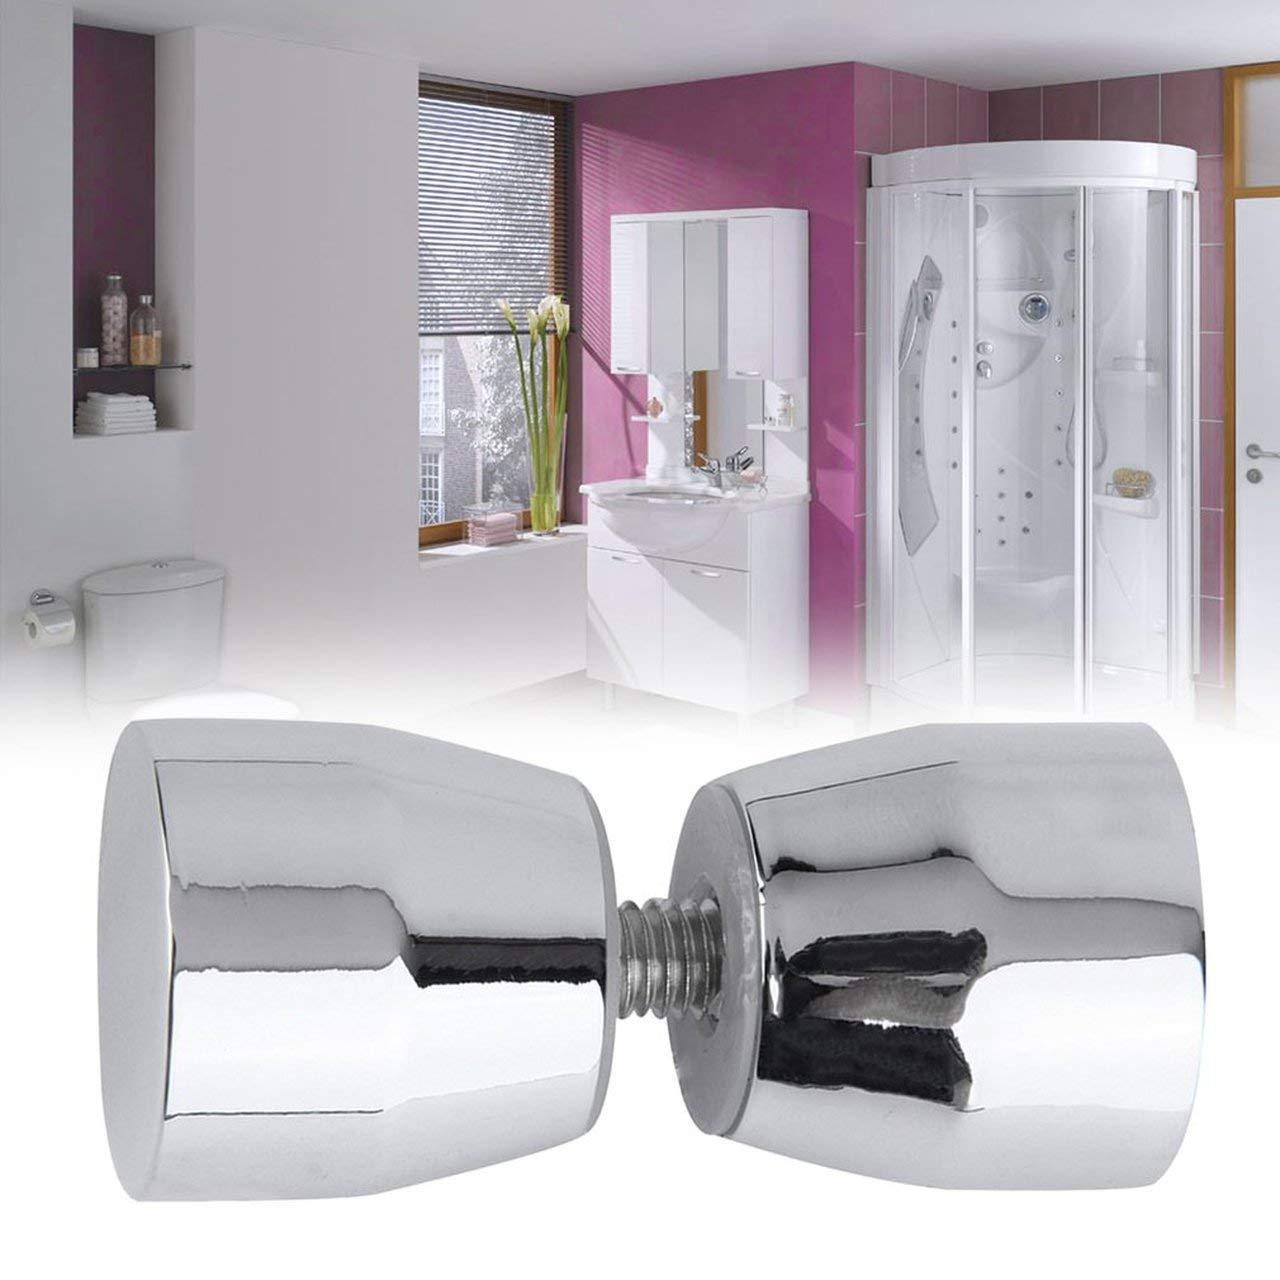 argent Jasnyfall Poign/ée solide pour porte de douche Bouton de commande chrom/é en forme de c/ône en forme d/él/ément de d/écoration /él/égante pour la salle de bain